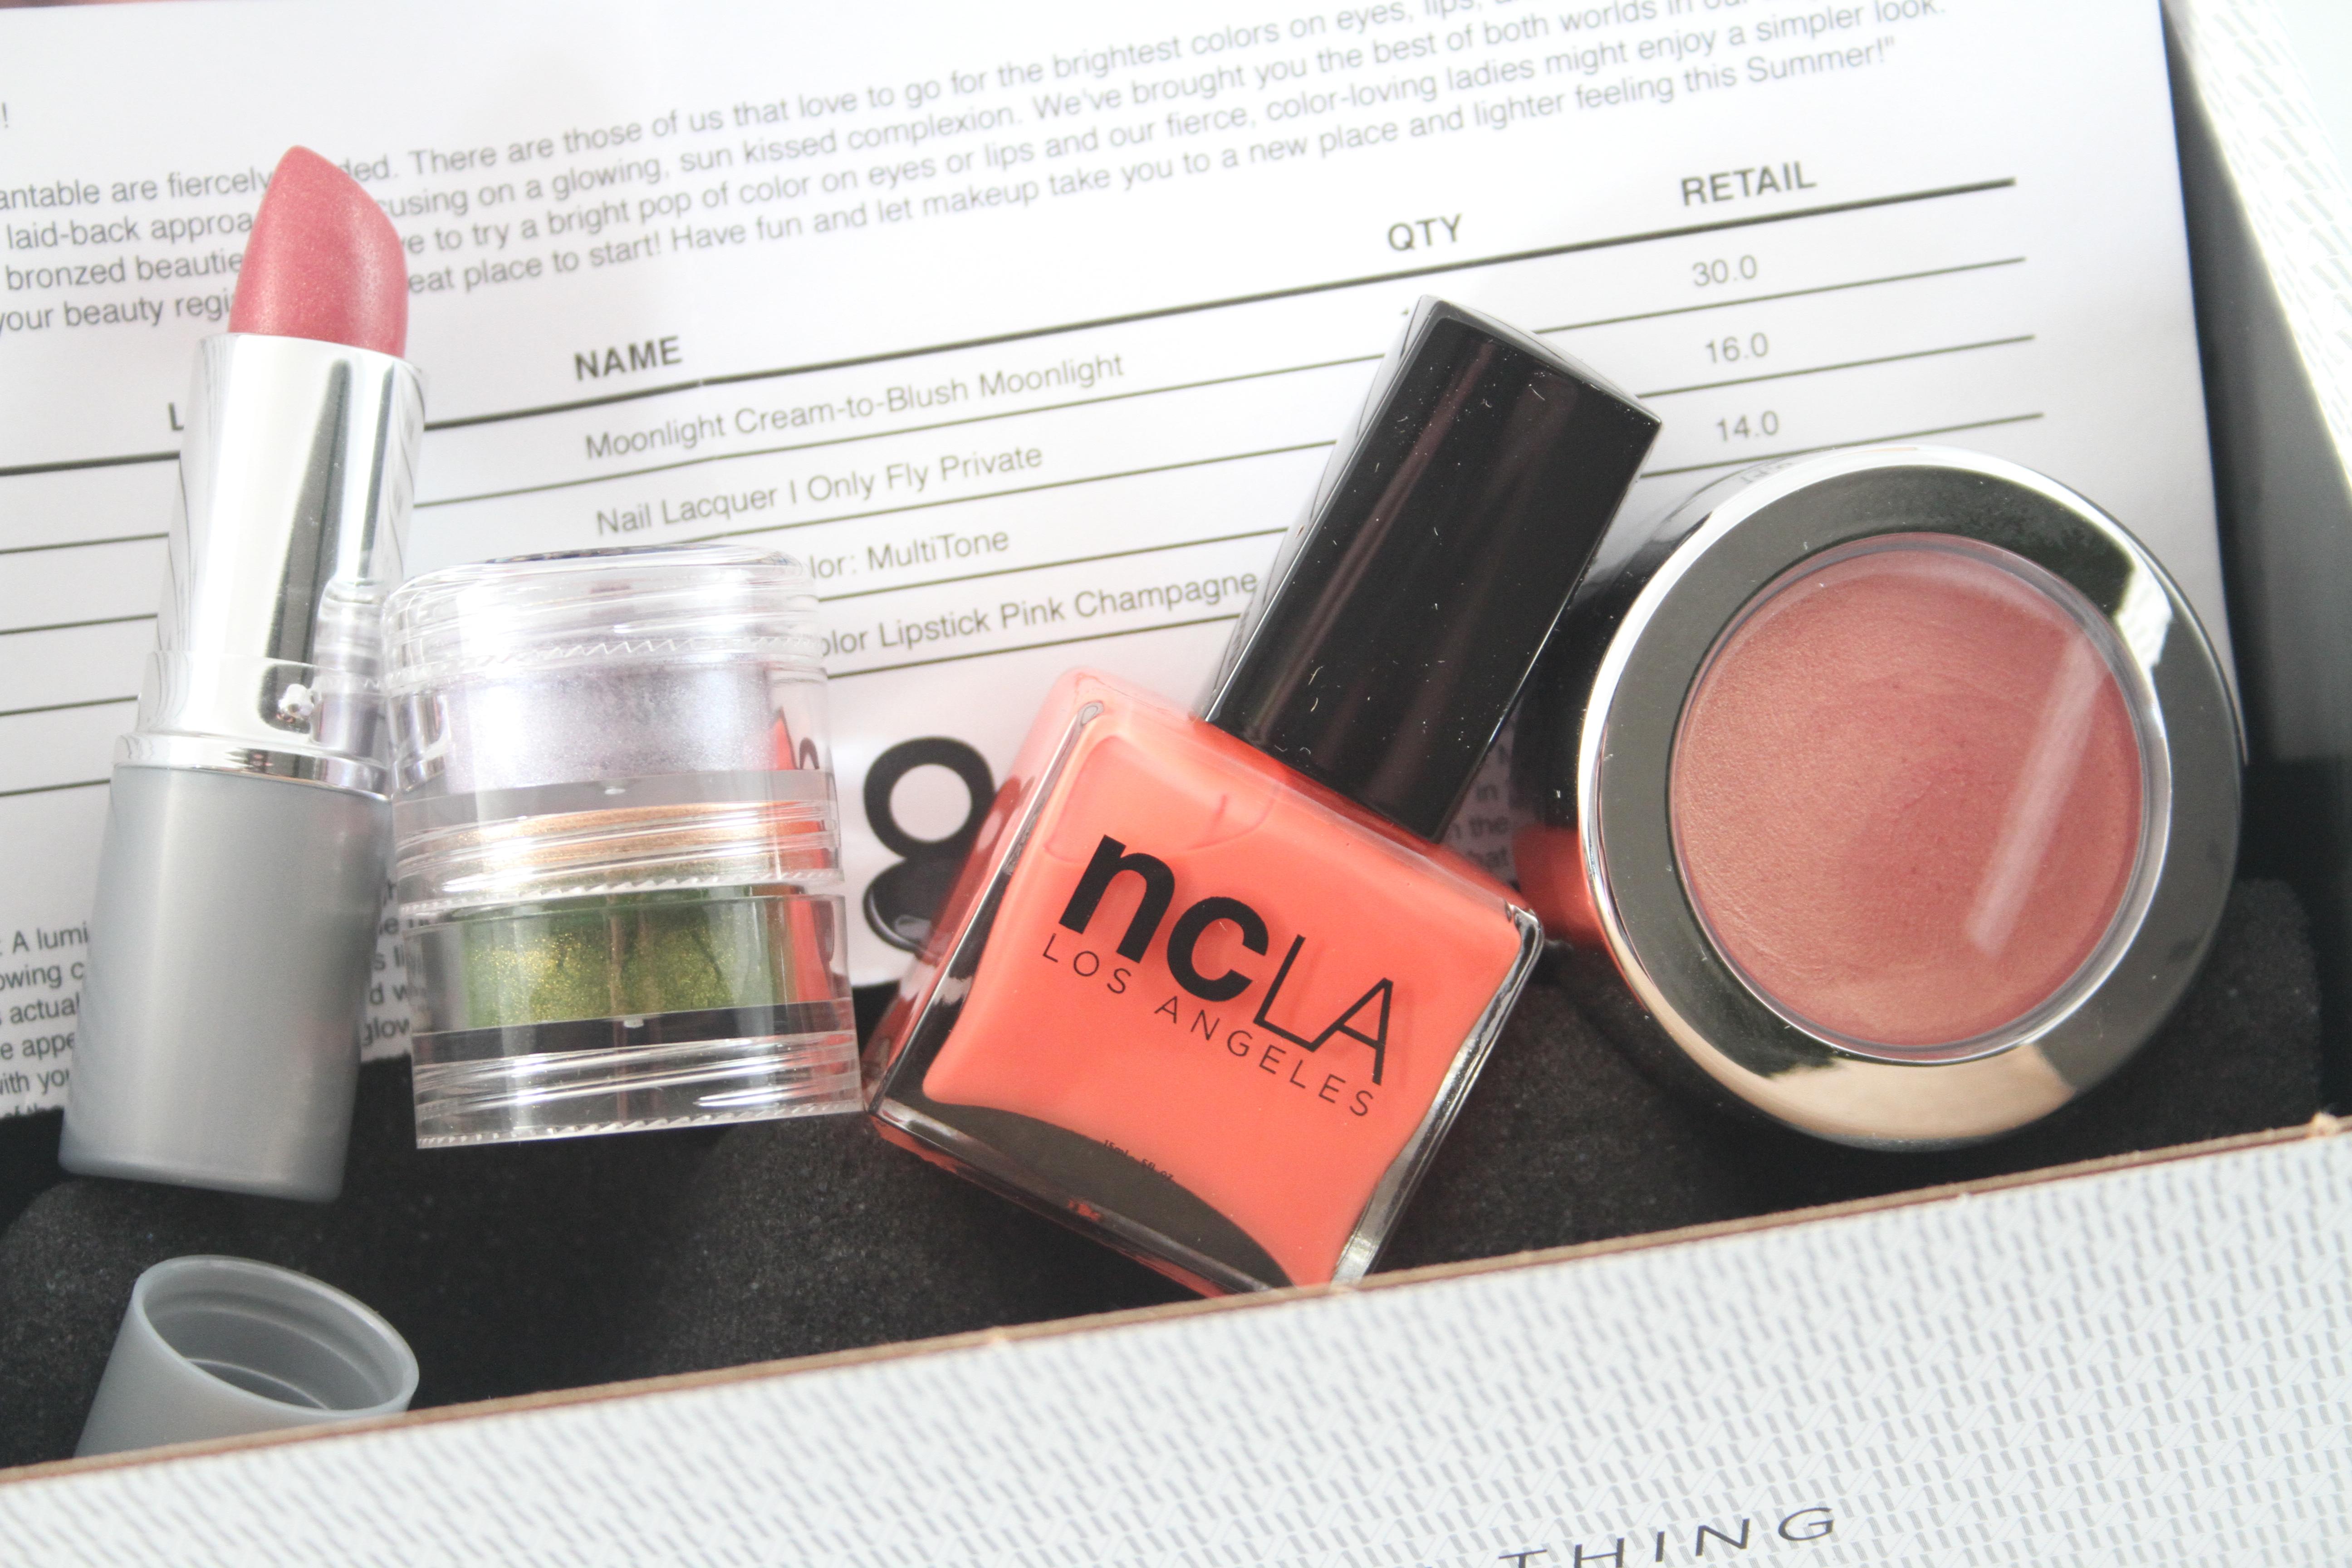 Wantable May 2014 - Makeup Subscription Box - Subscription ...